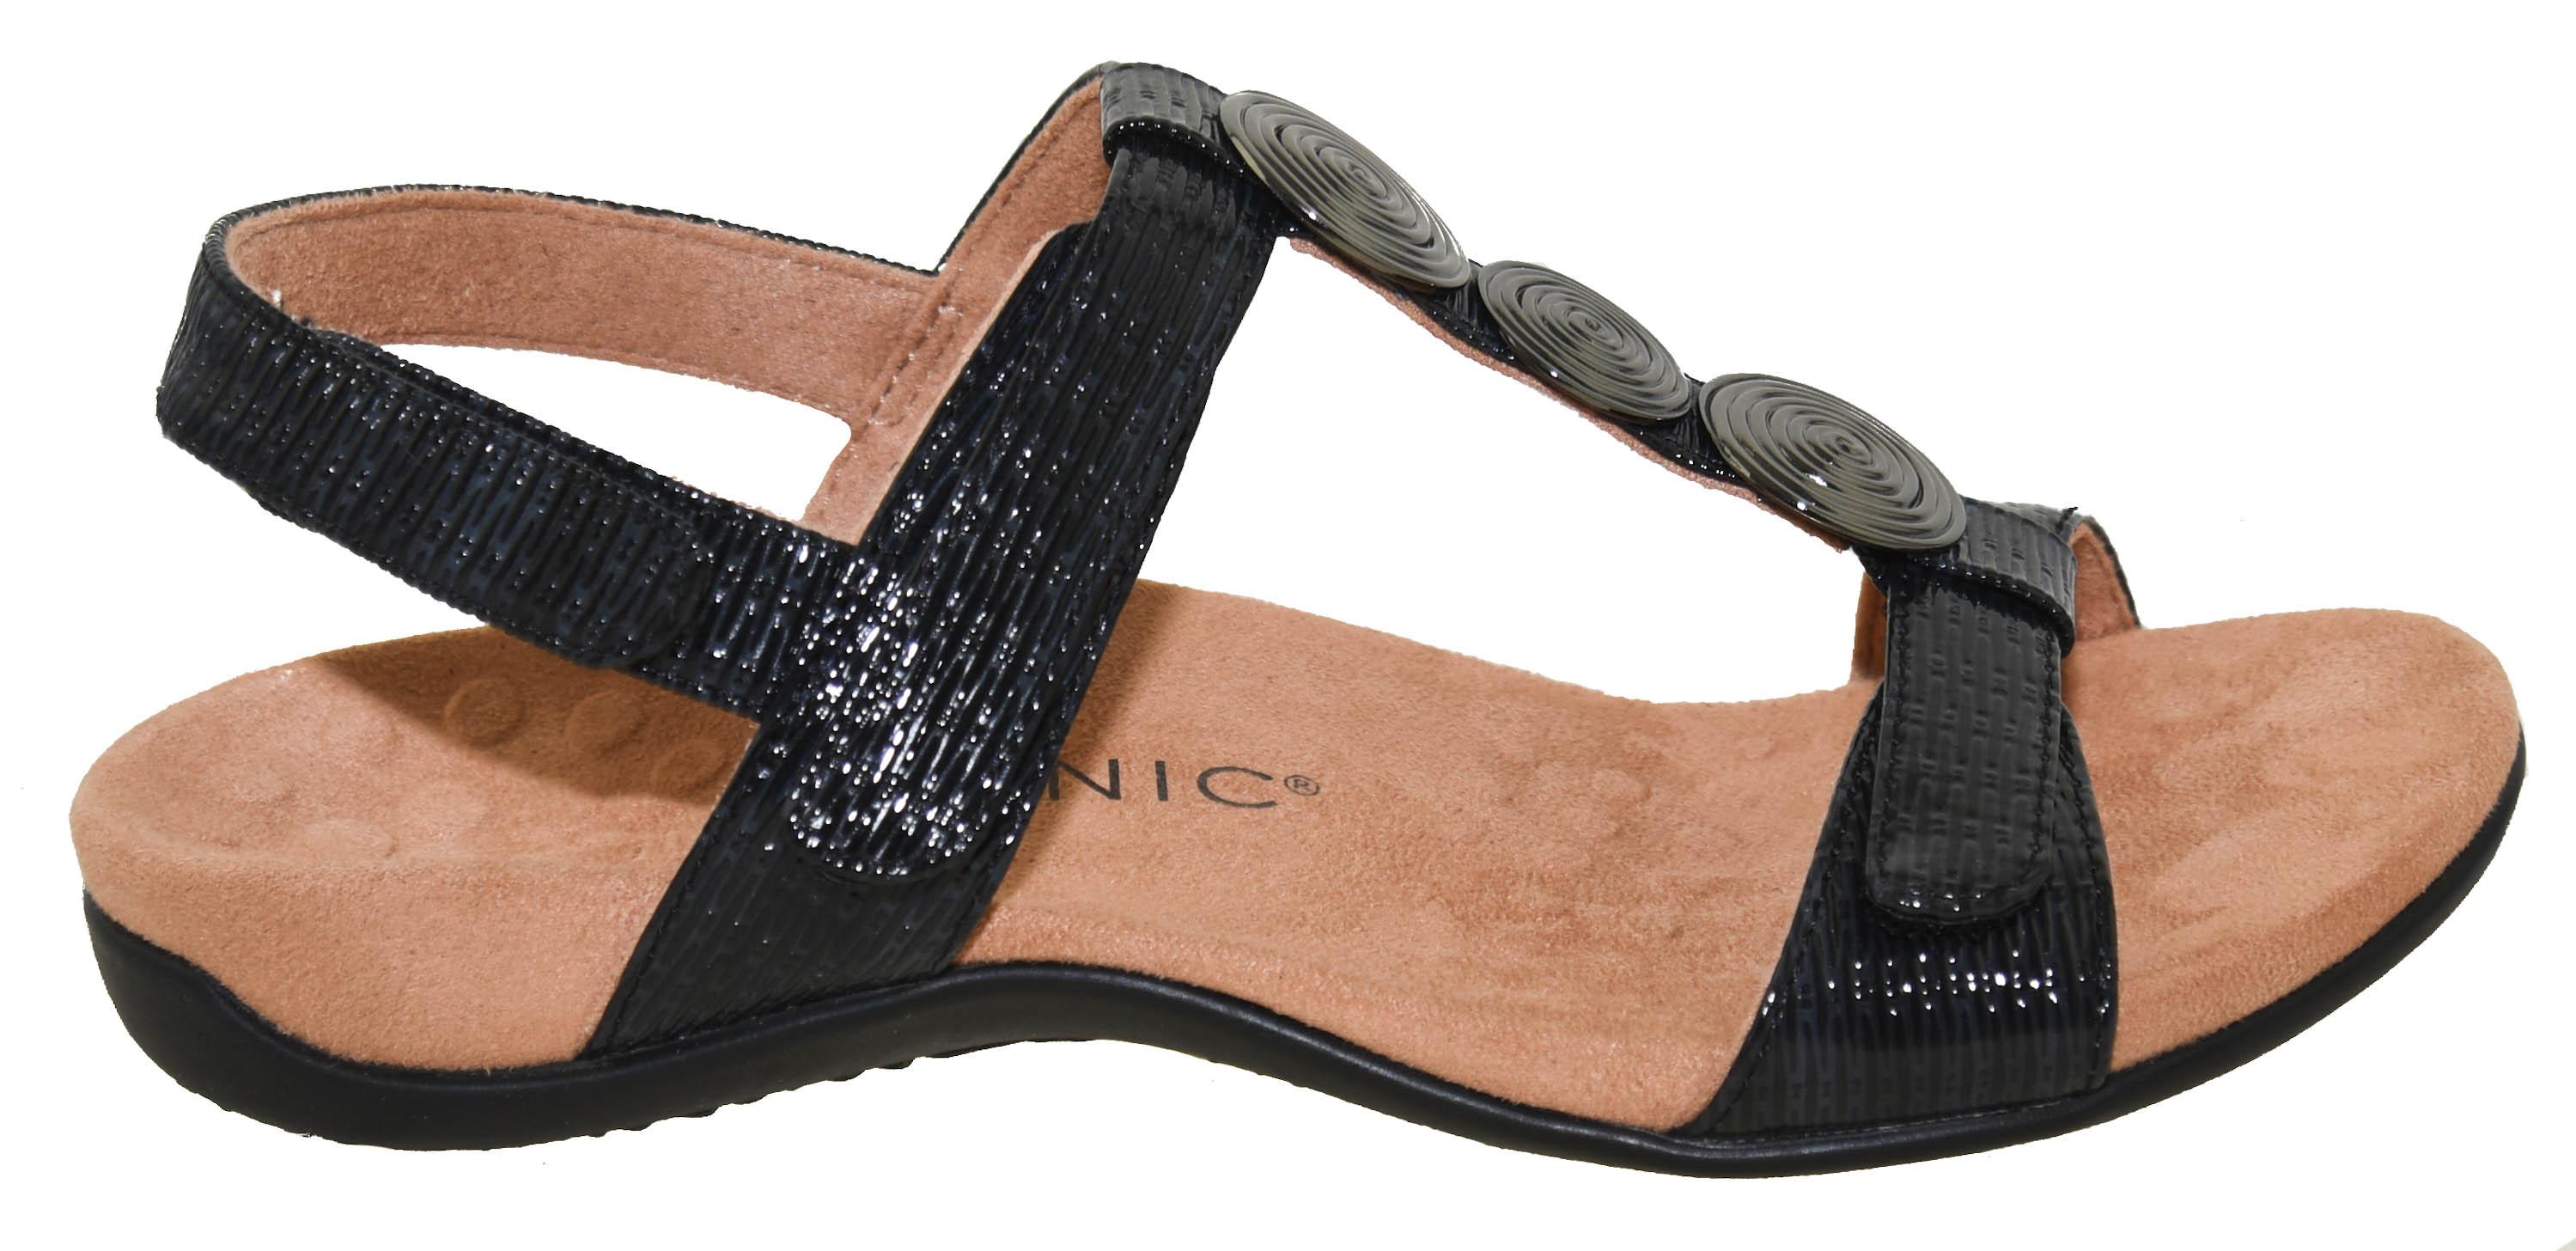 Vionic Rest Farra Women/'s Supportive Sandals Black Woven 7.5 Medium